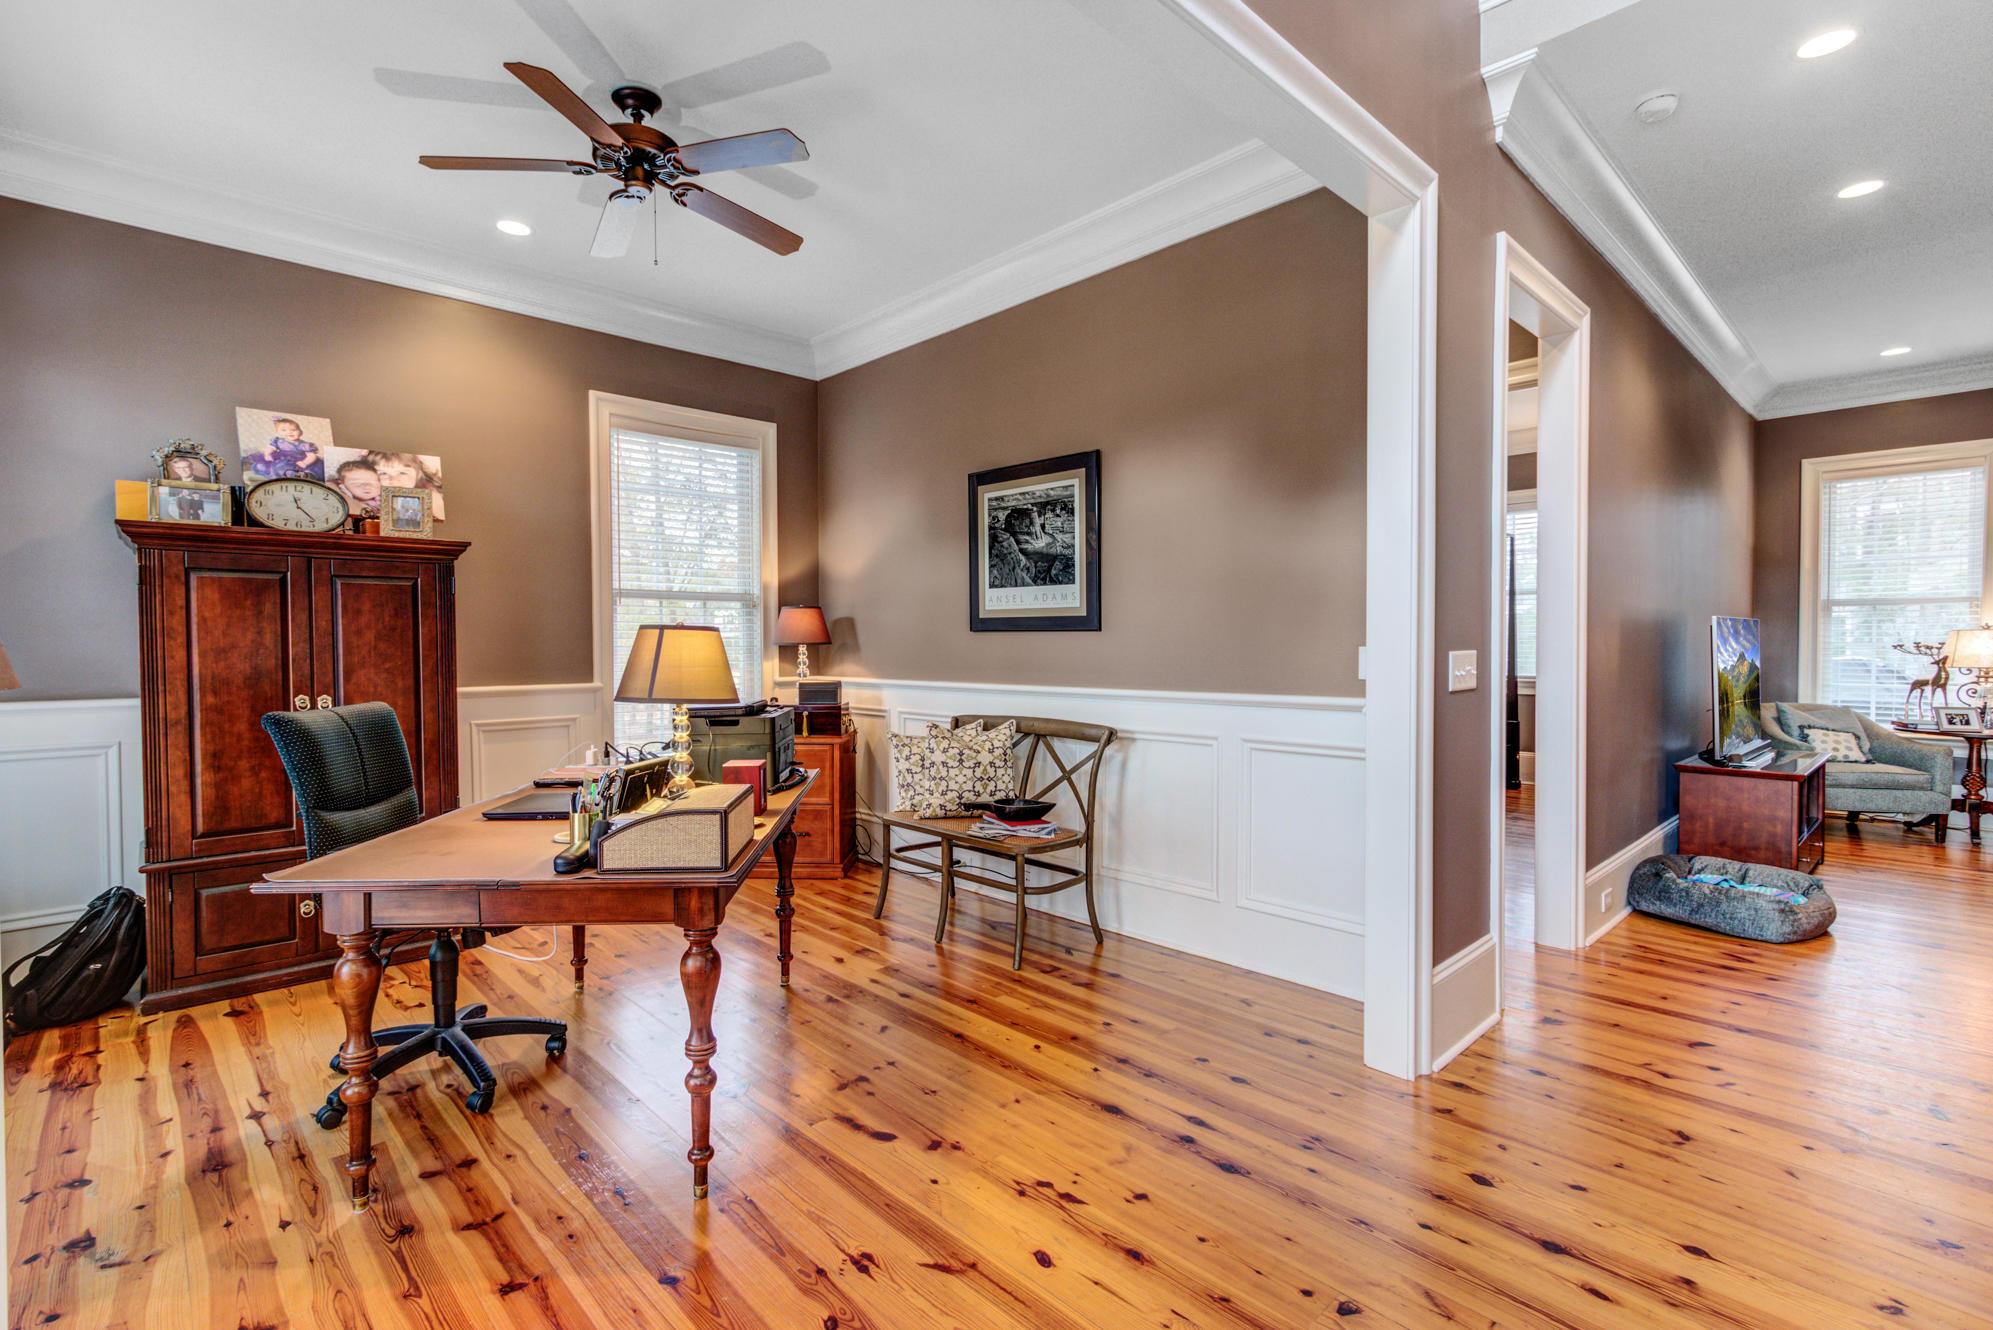 Park West Homes For Sale - 1527 Capel, Mount Pleasant, SC - 10